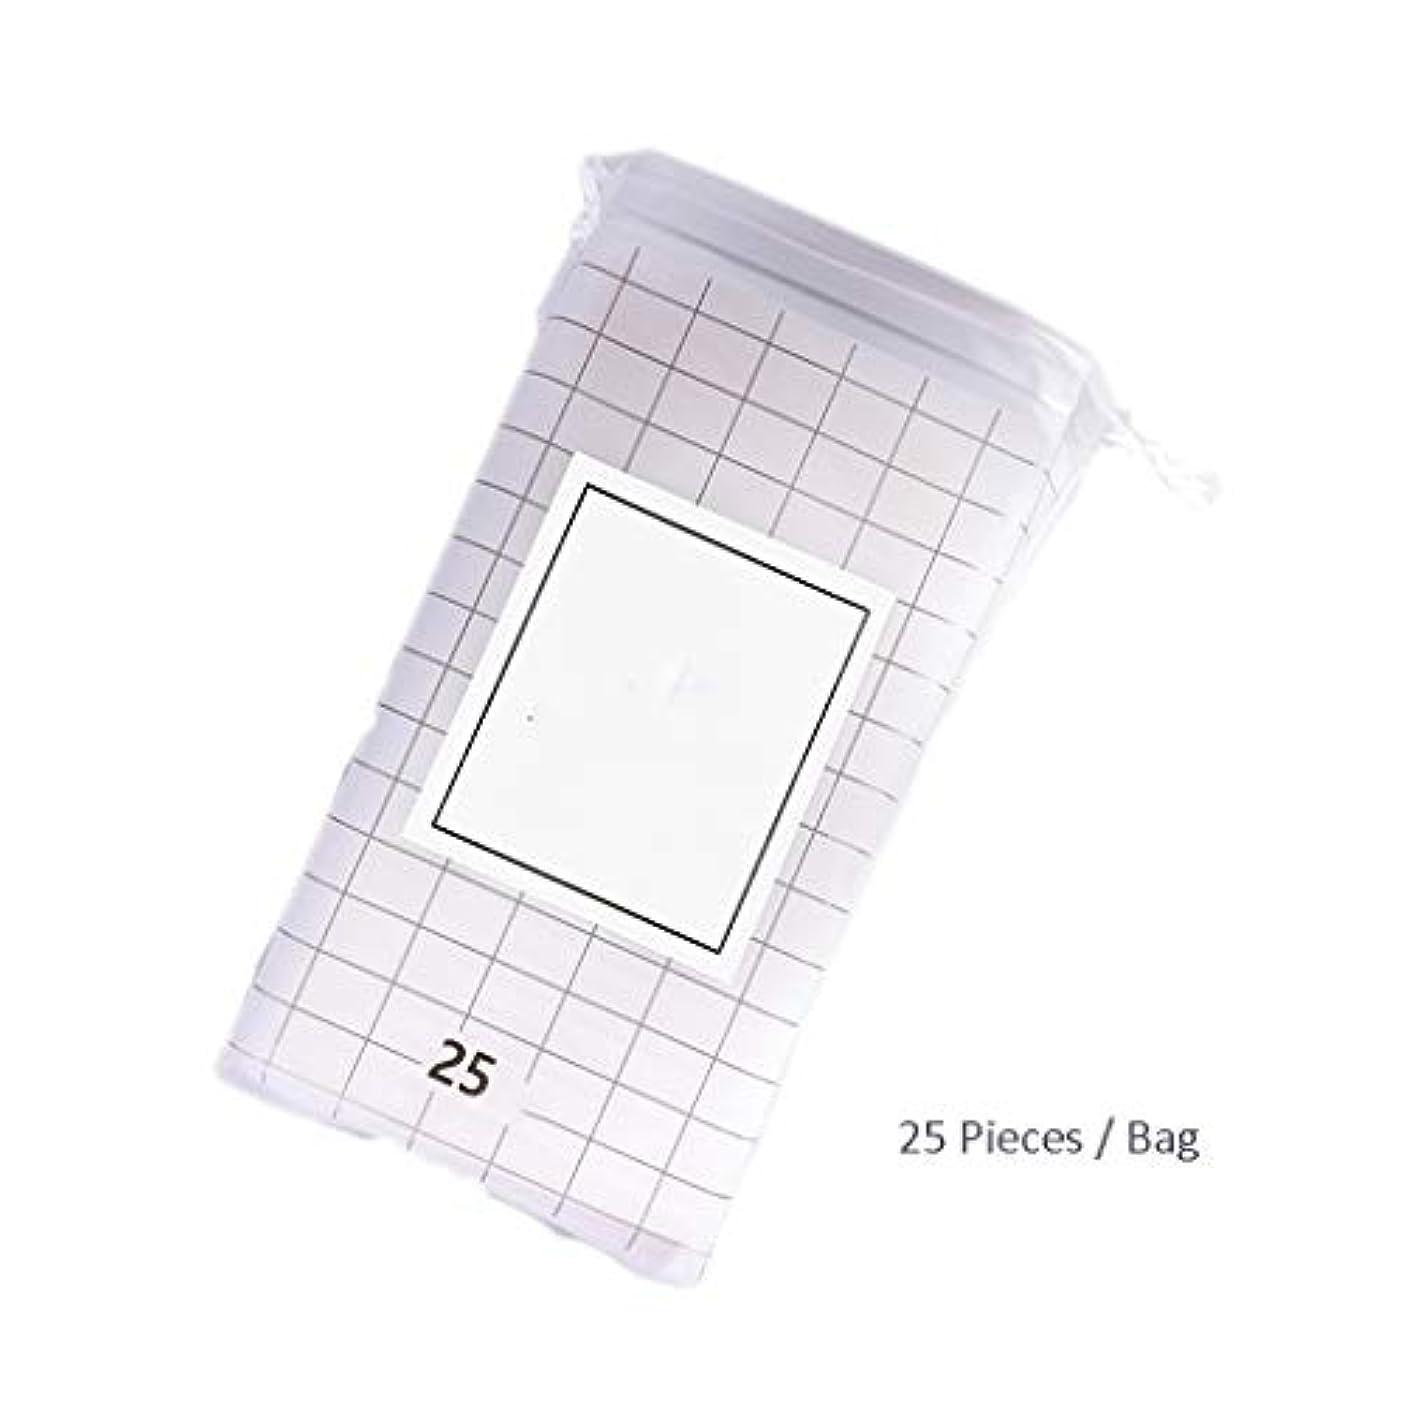 クレンジングシート メイクアップフェイシャルカットコットンクレンジングタオルコットンタオルドライ&ウェットクレンジングタオル使い捨てクレンジングタオル (Color : A, サイズ : 20*24cm)